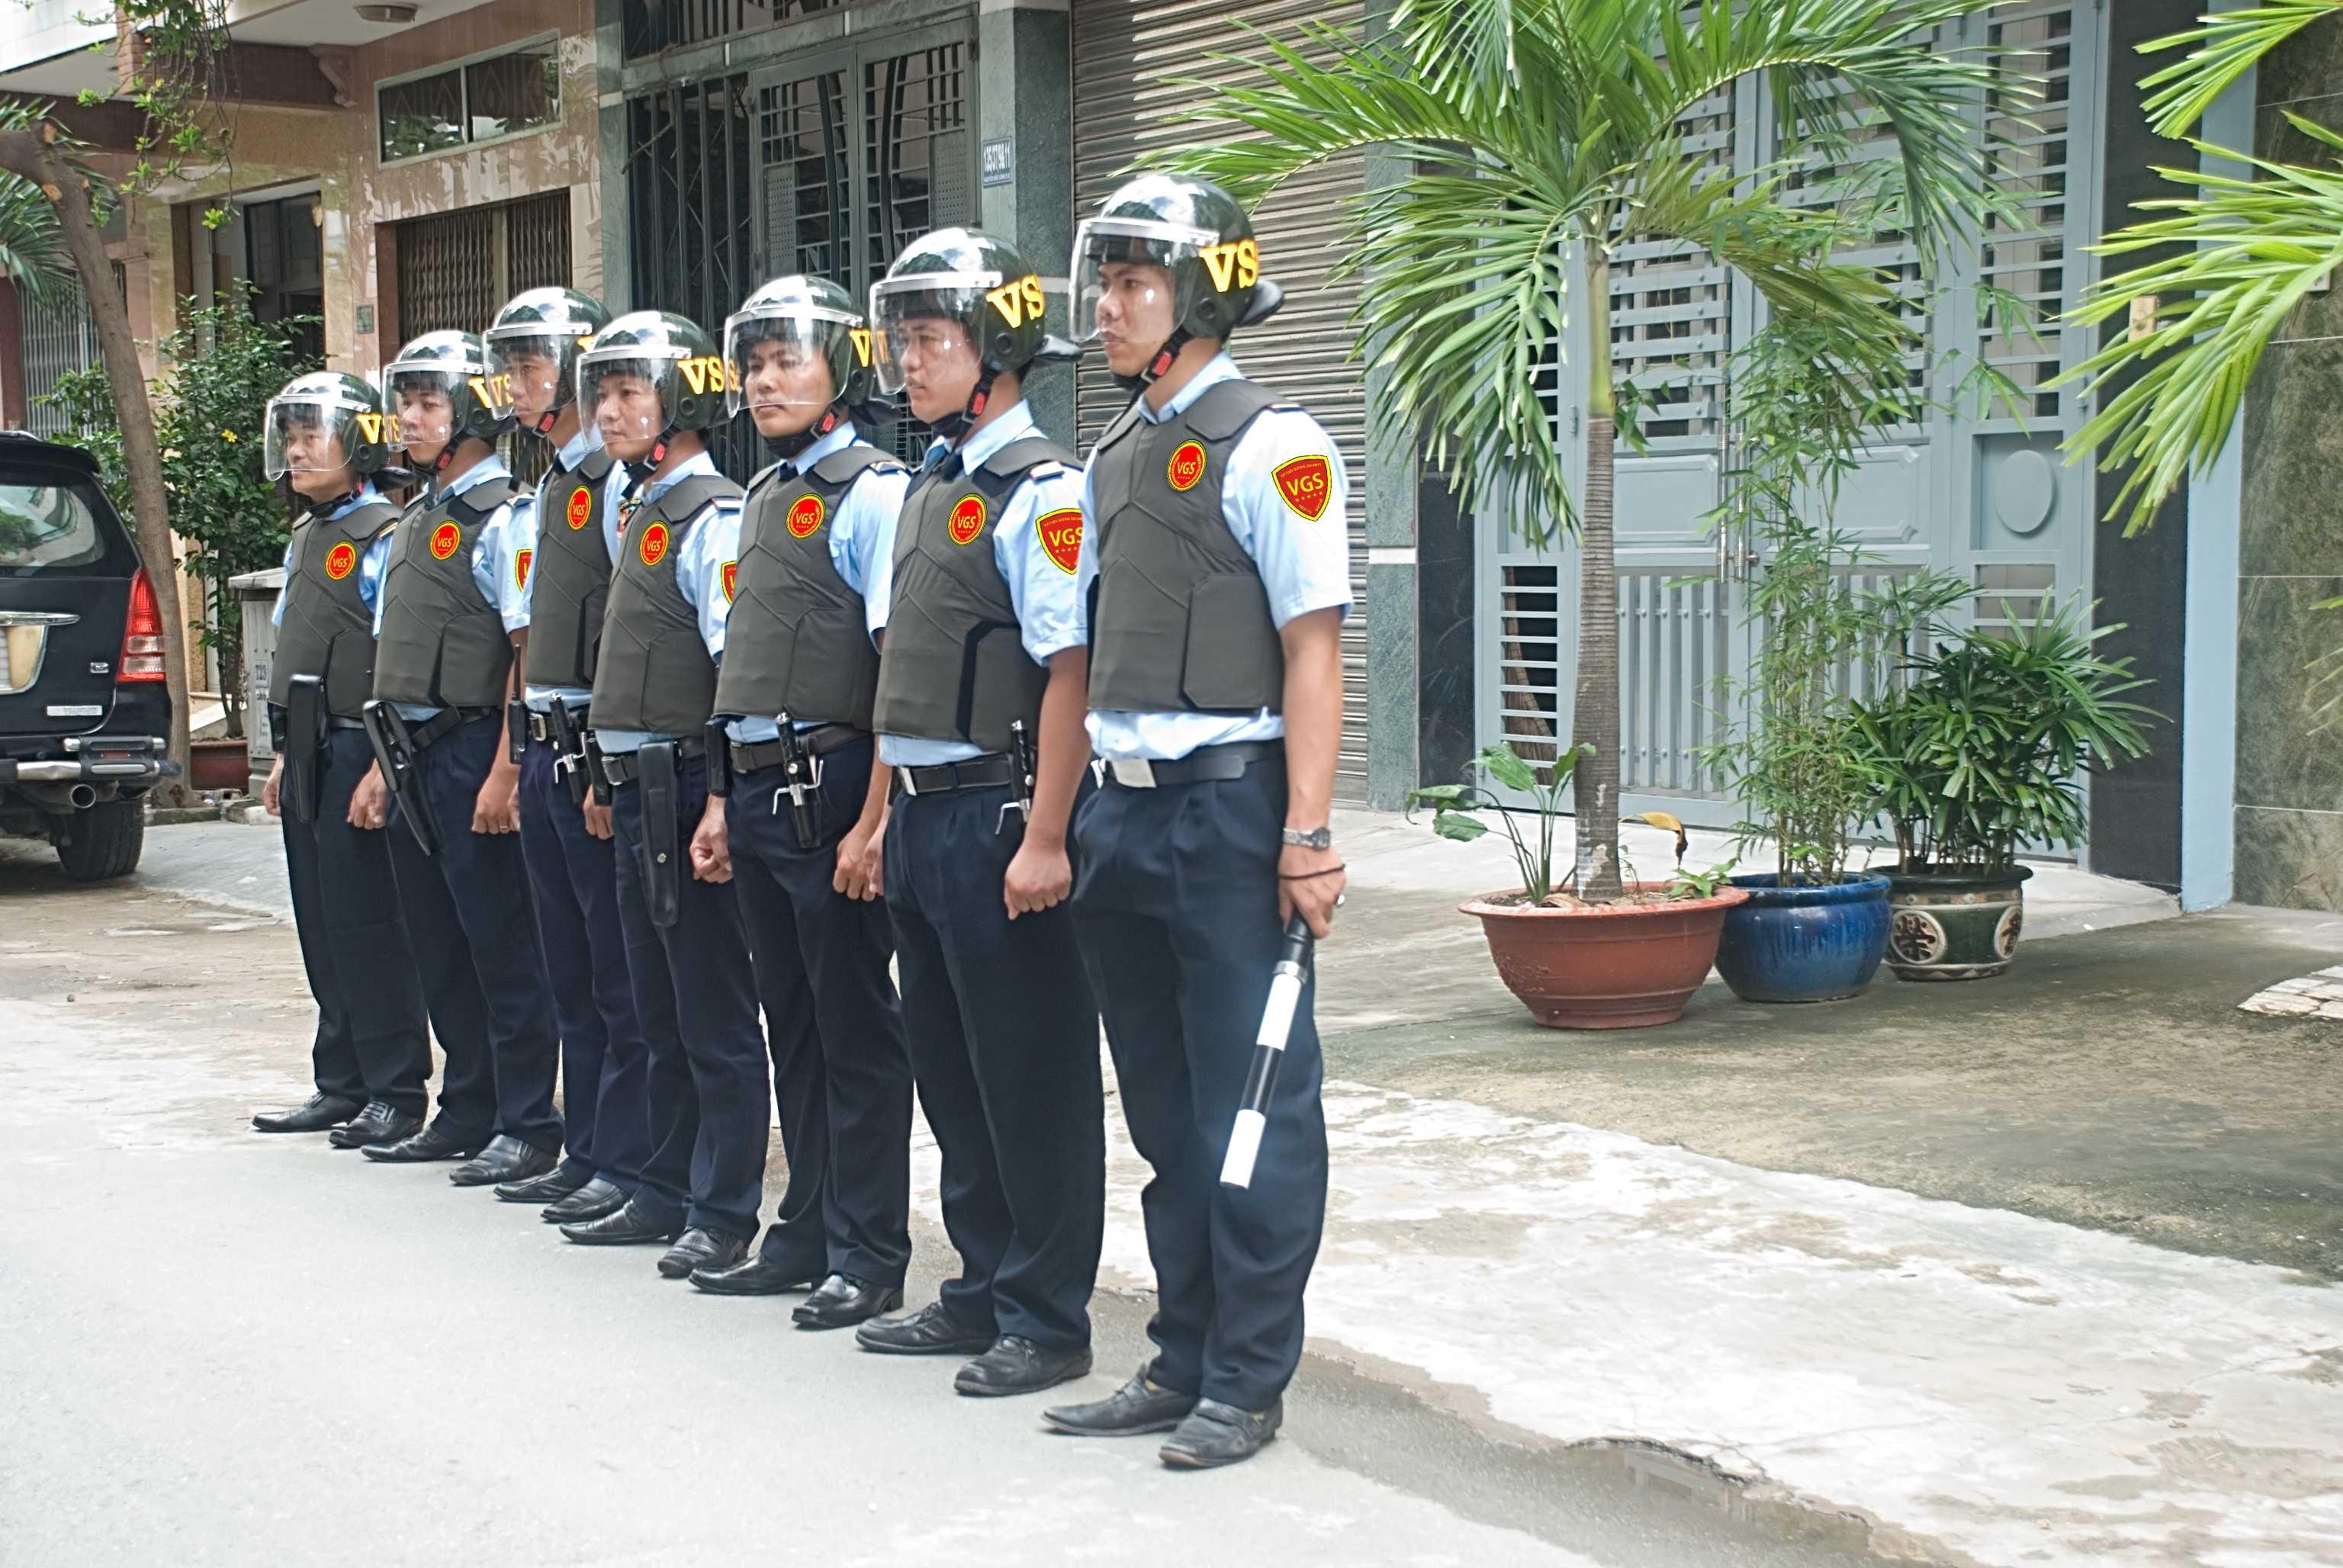 Công ty bảo vệ chuyên nghiệp tại miền Bắc – Kiến thức bảo vệ (P1)